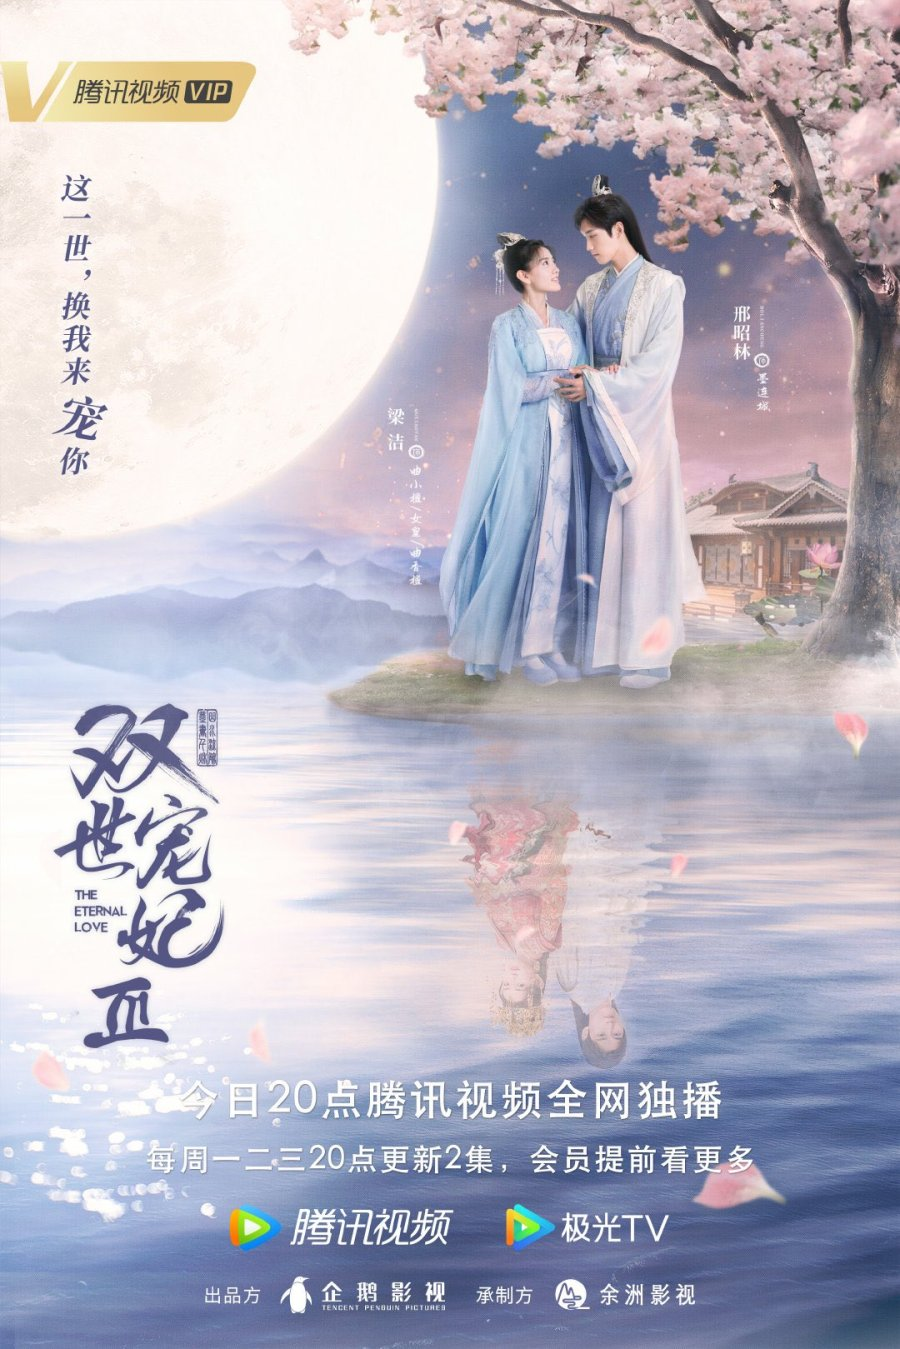 مسلسل الحب الابدي